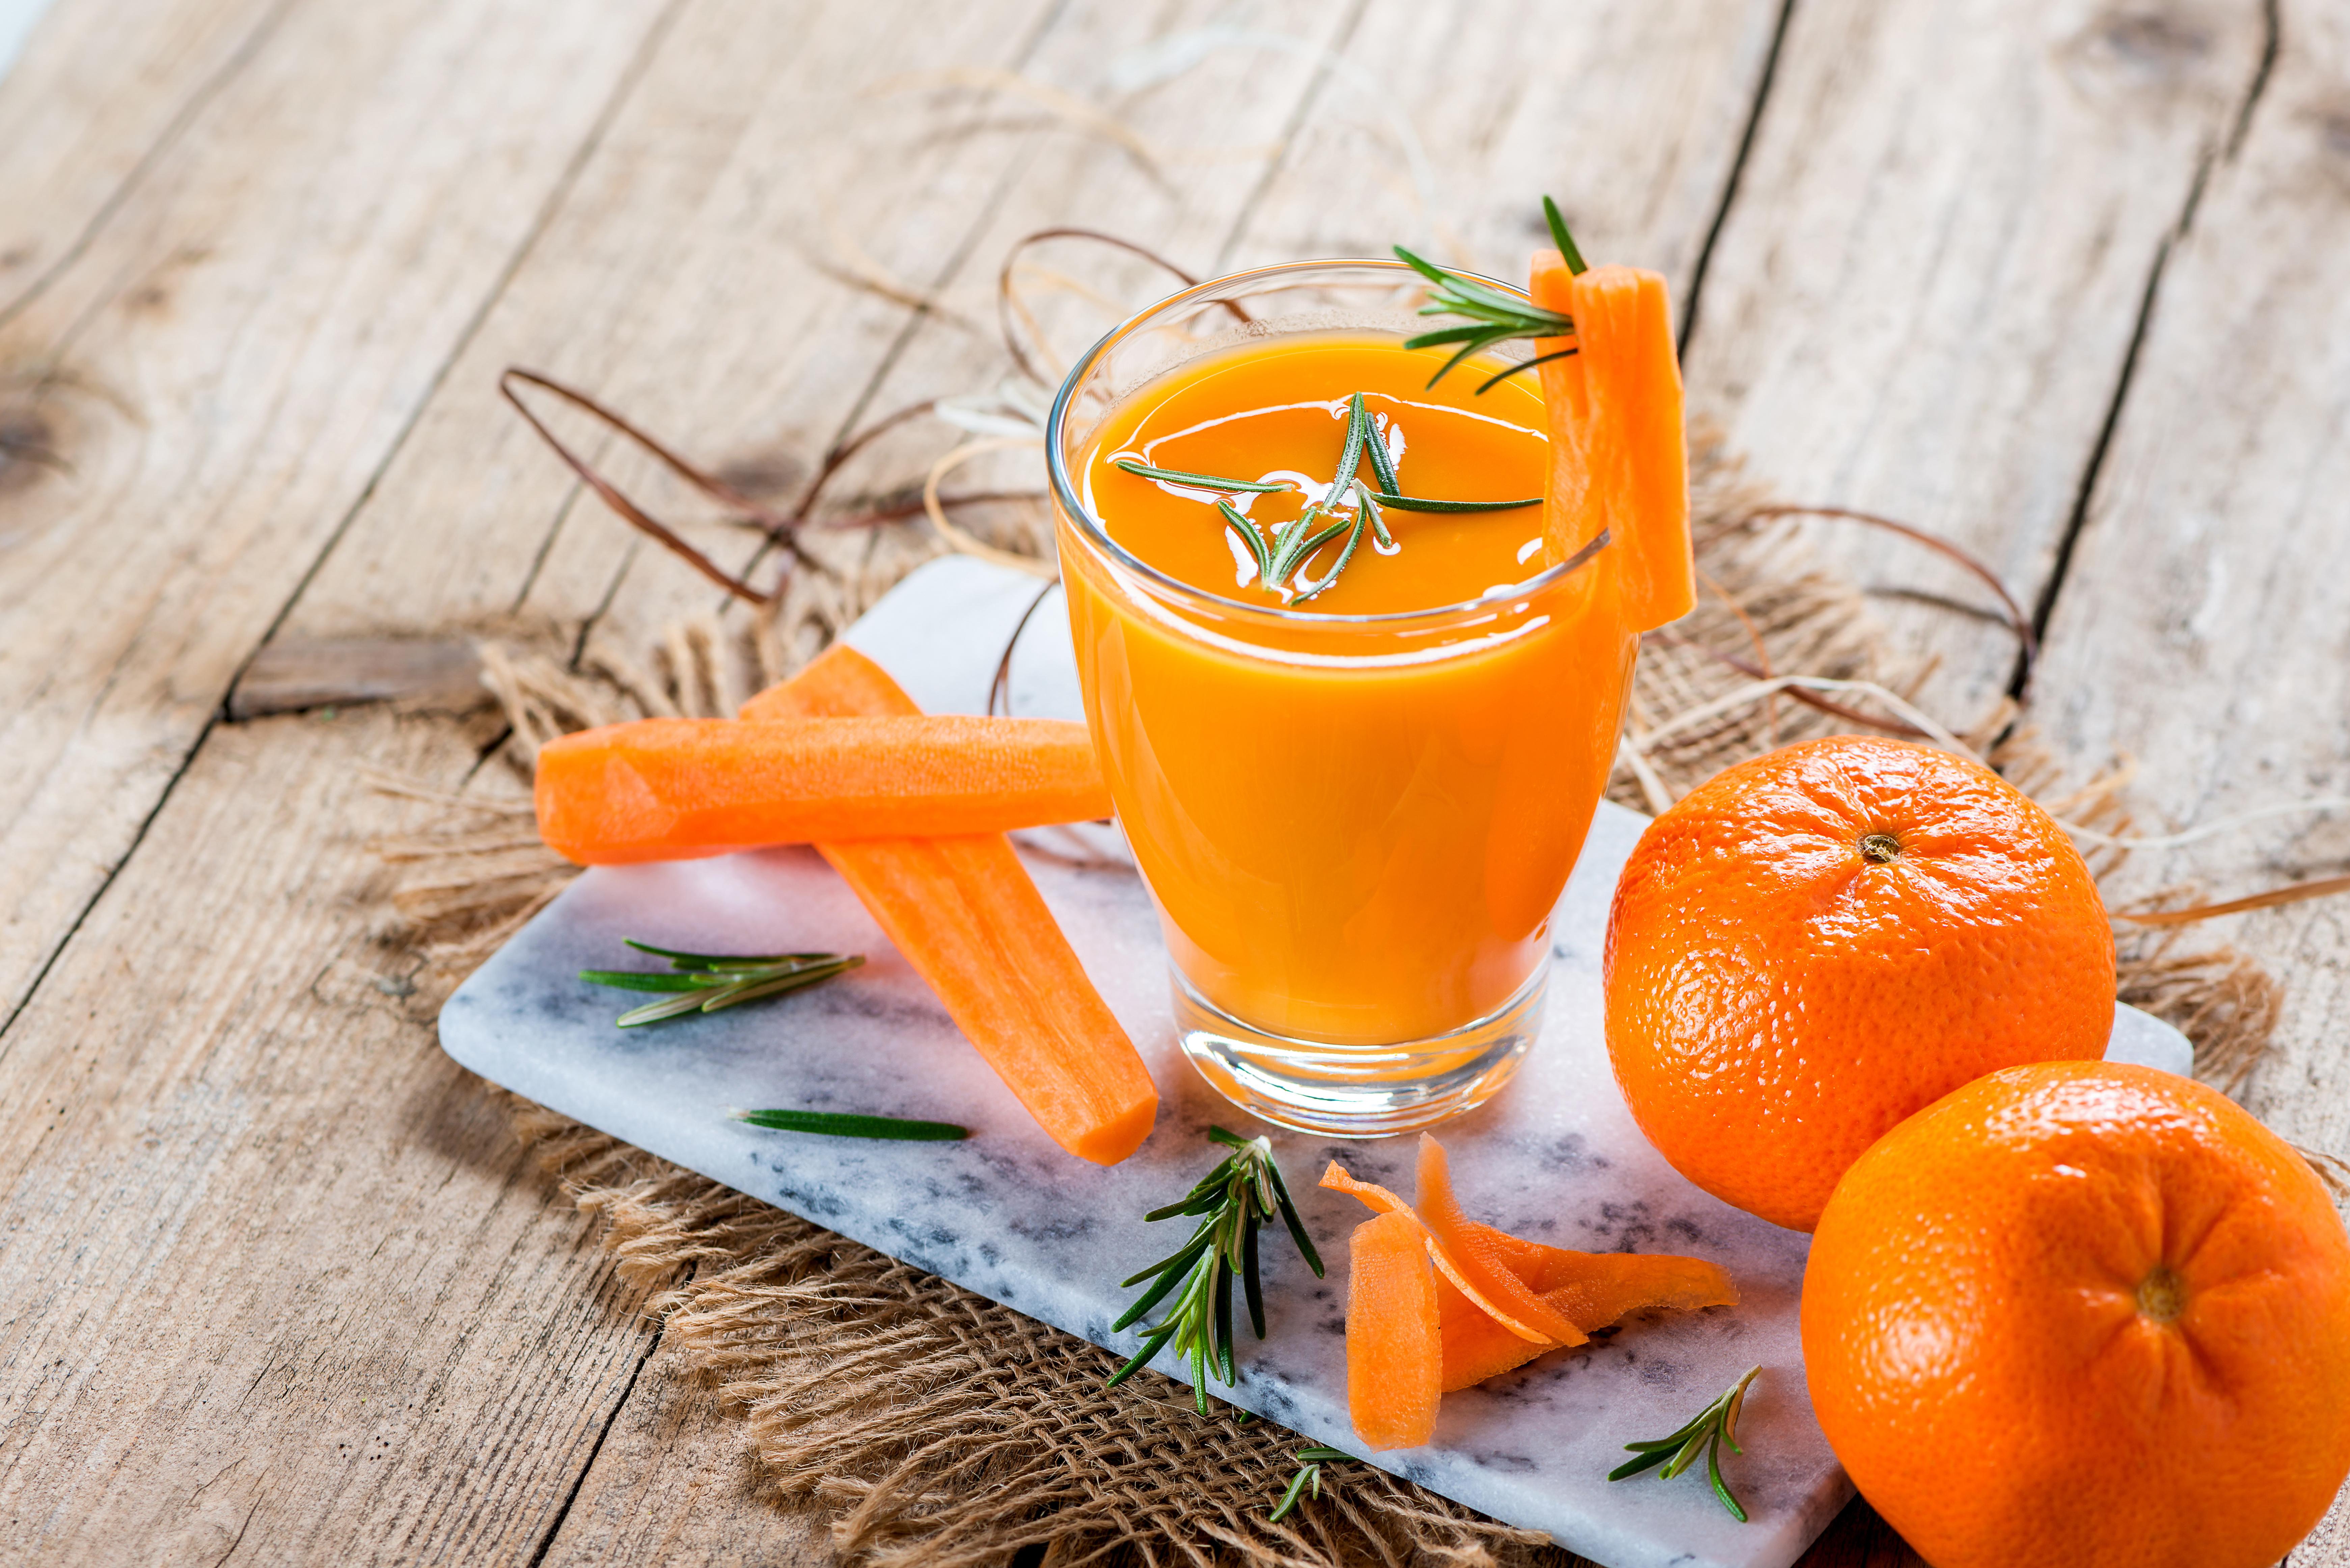 Картинка Сок Морковь Мандарины стакана Еда Доски Стакан стакане Пища Продукты питания